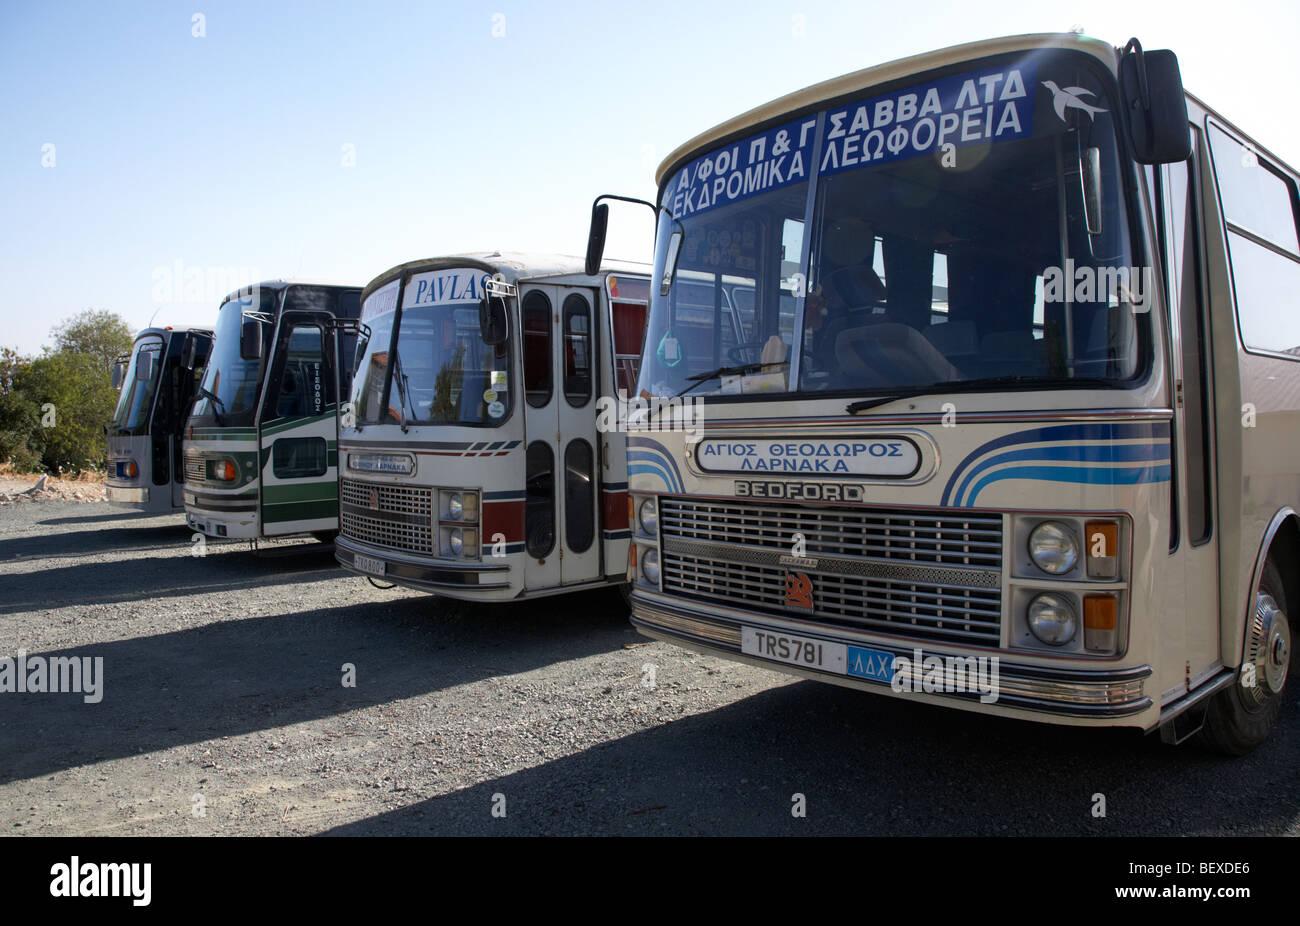 Fila de old bedford buses utilizados para servicios locales de pano lefkara República de Chipre Imagen De Stock